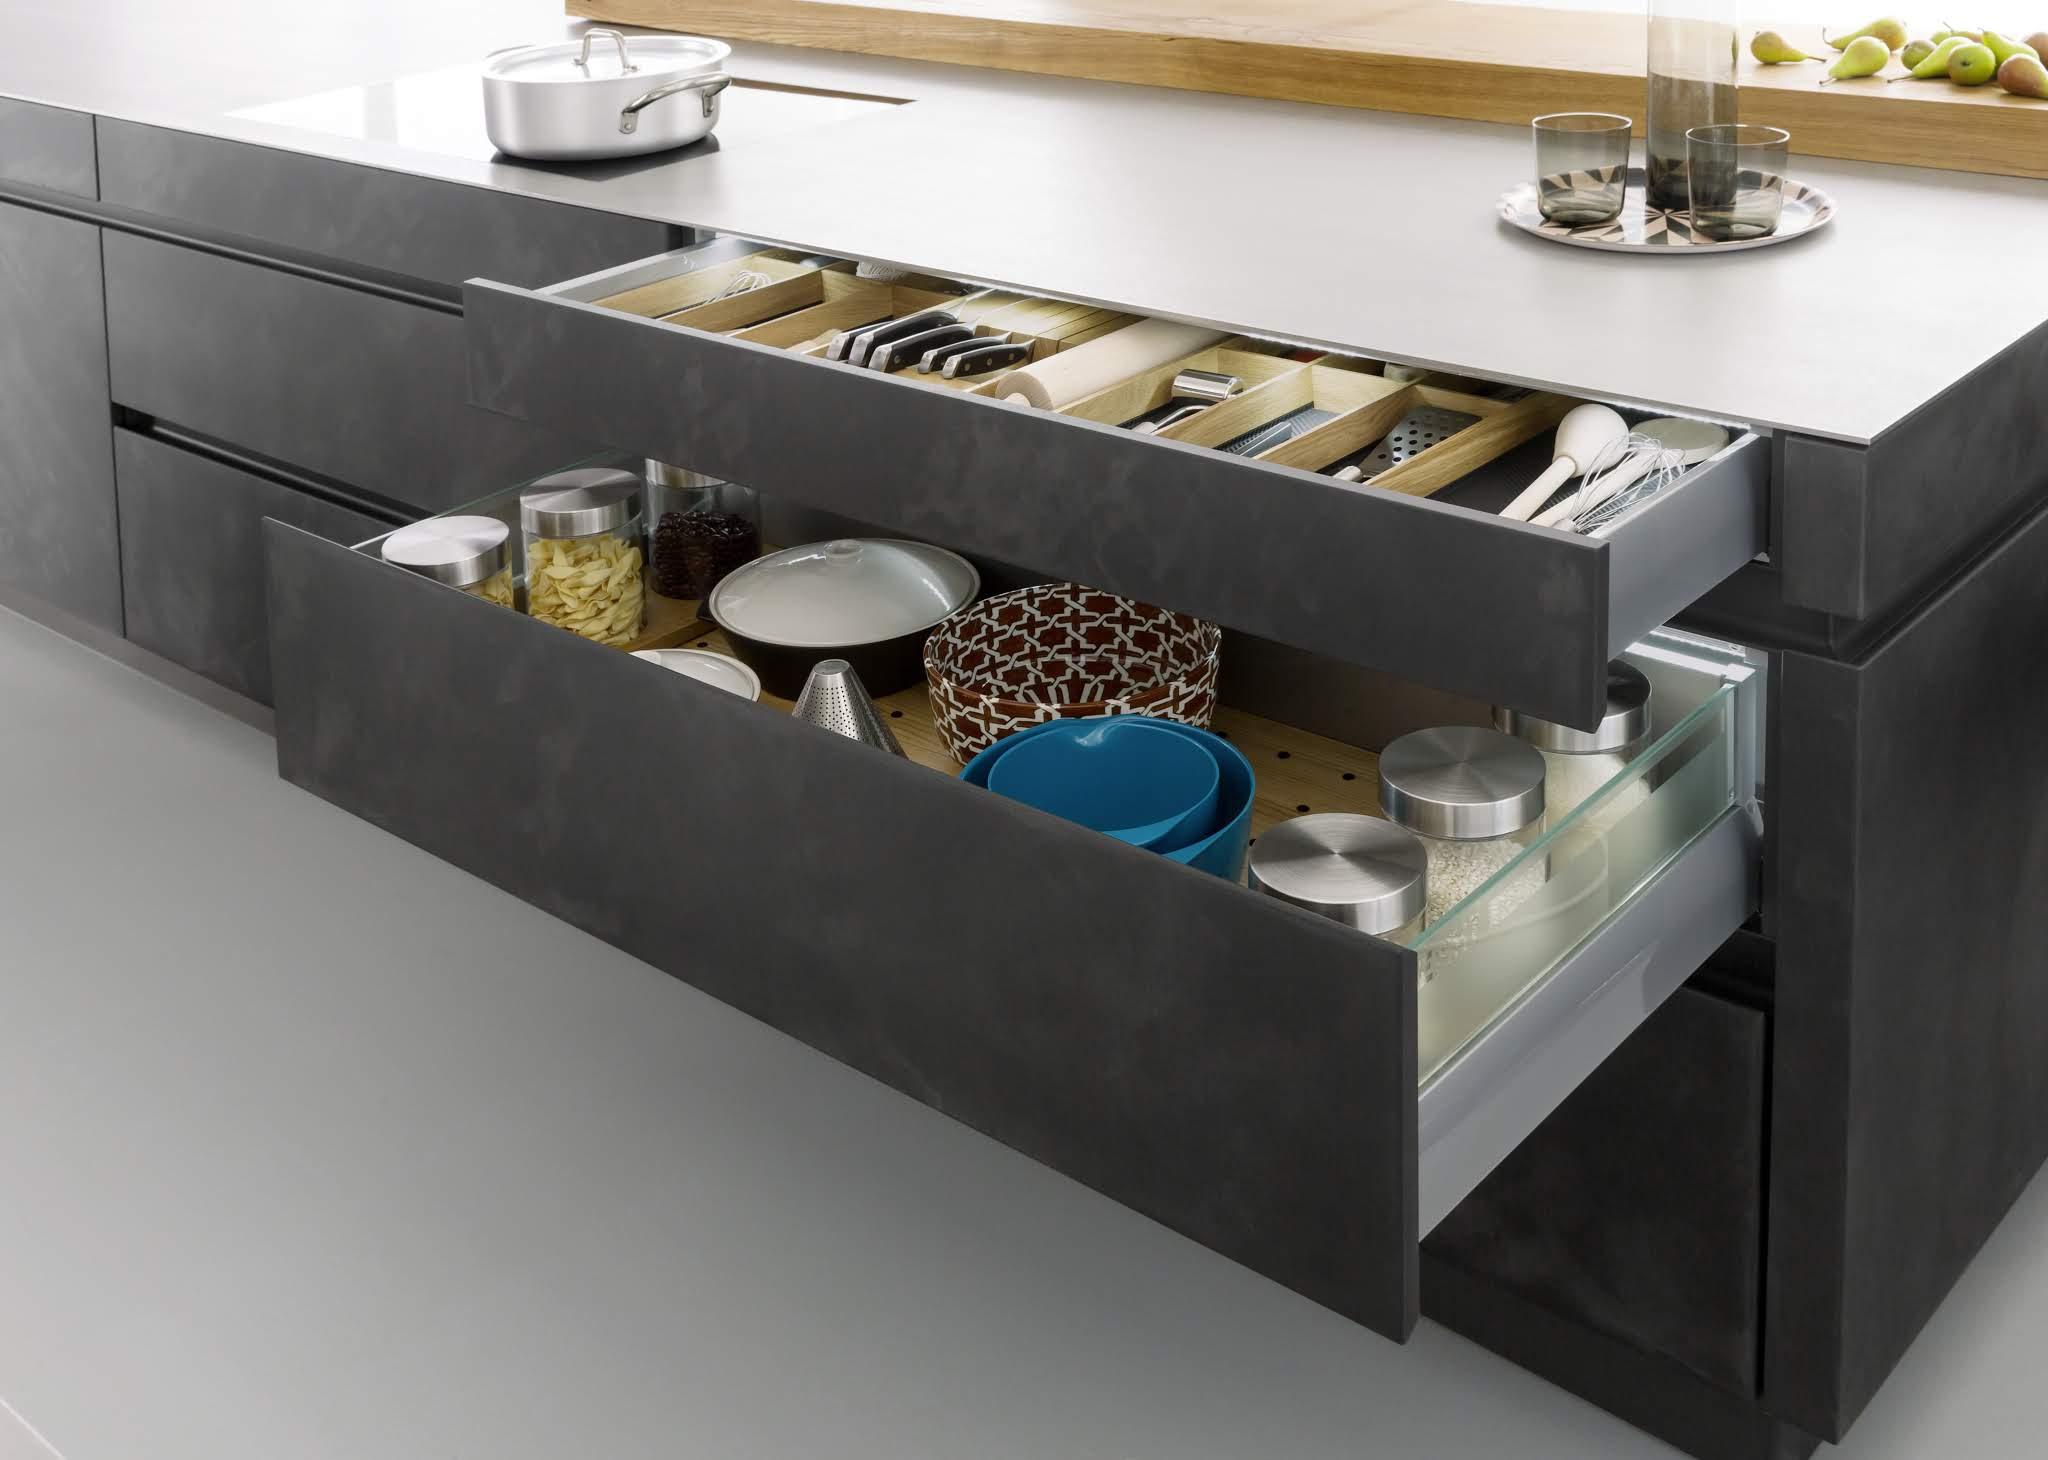 Storage system in the kitchen